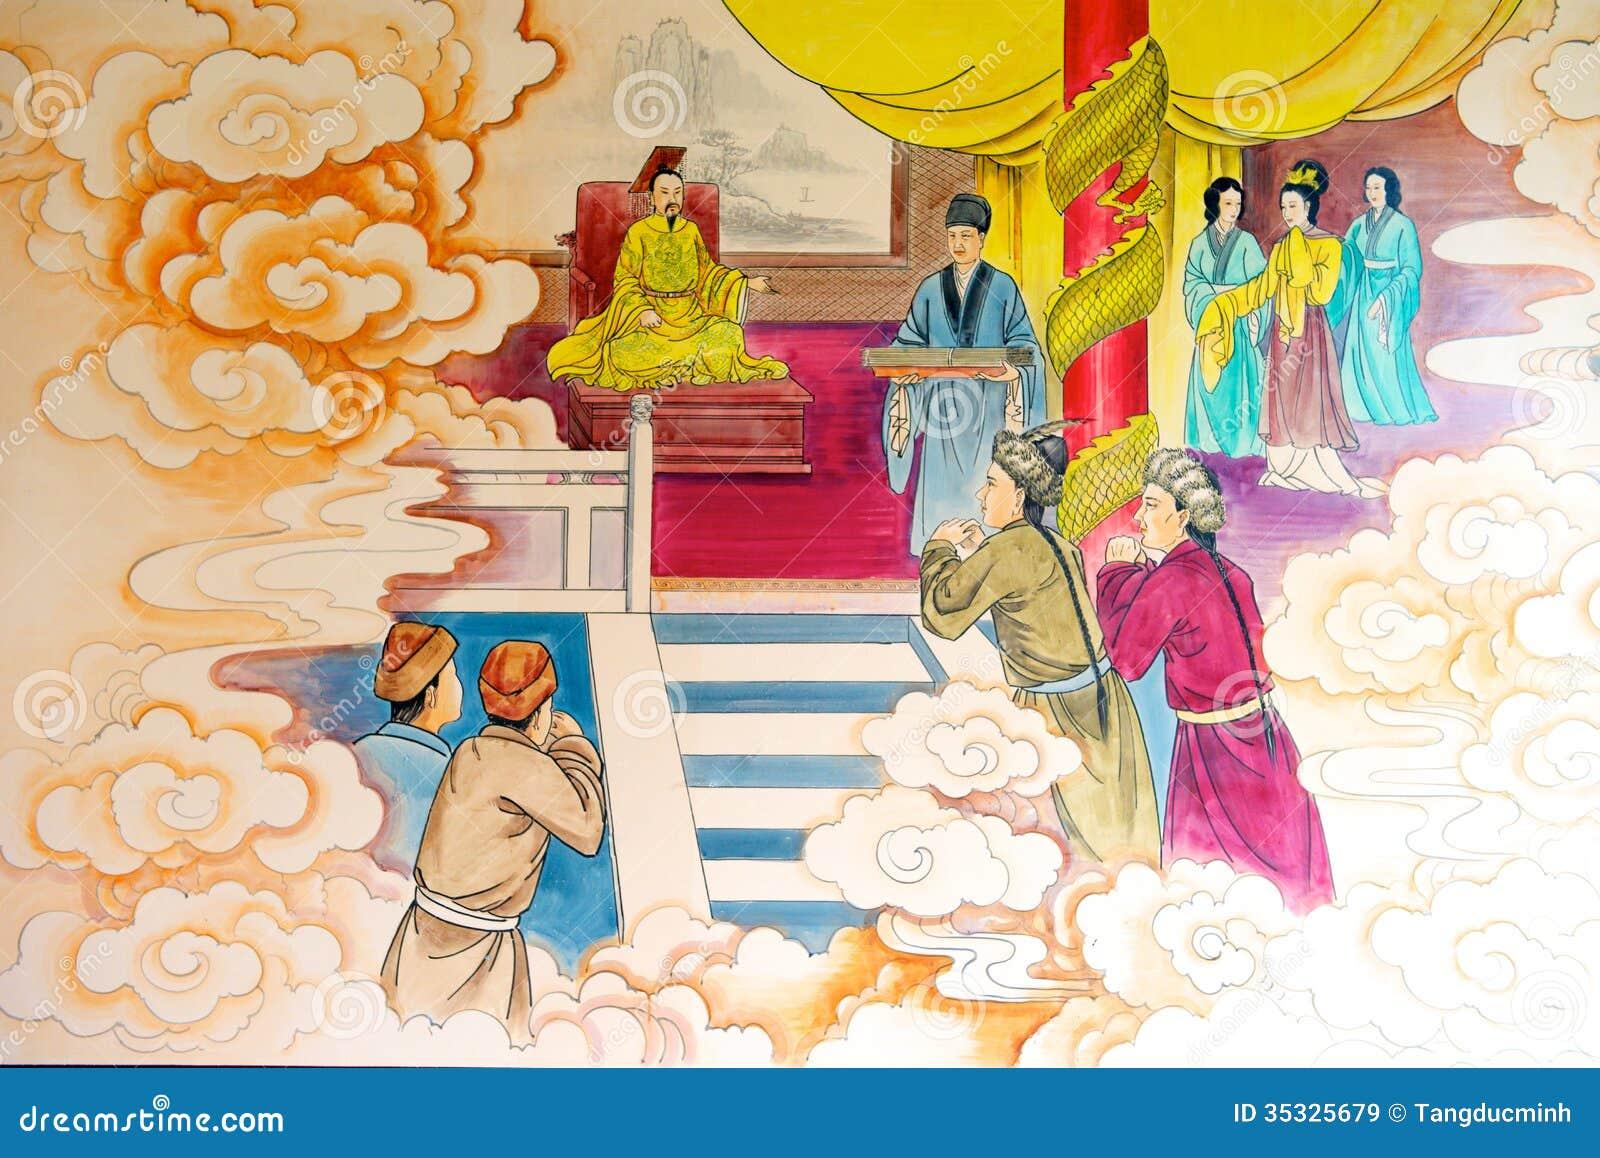 Κινεζική ζωγραφική ιστορίας